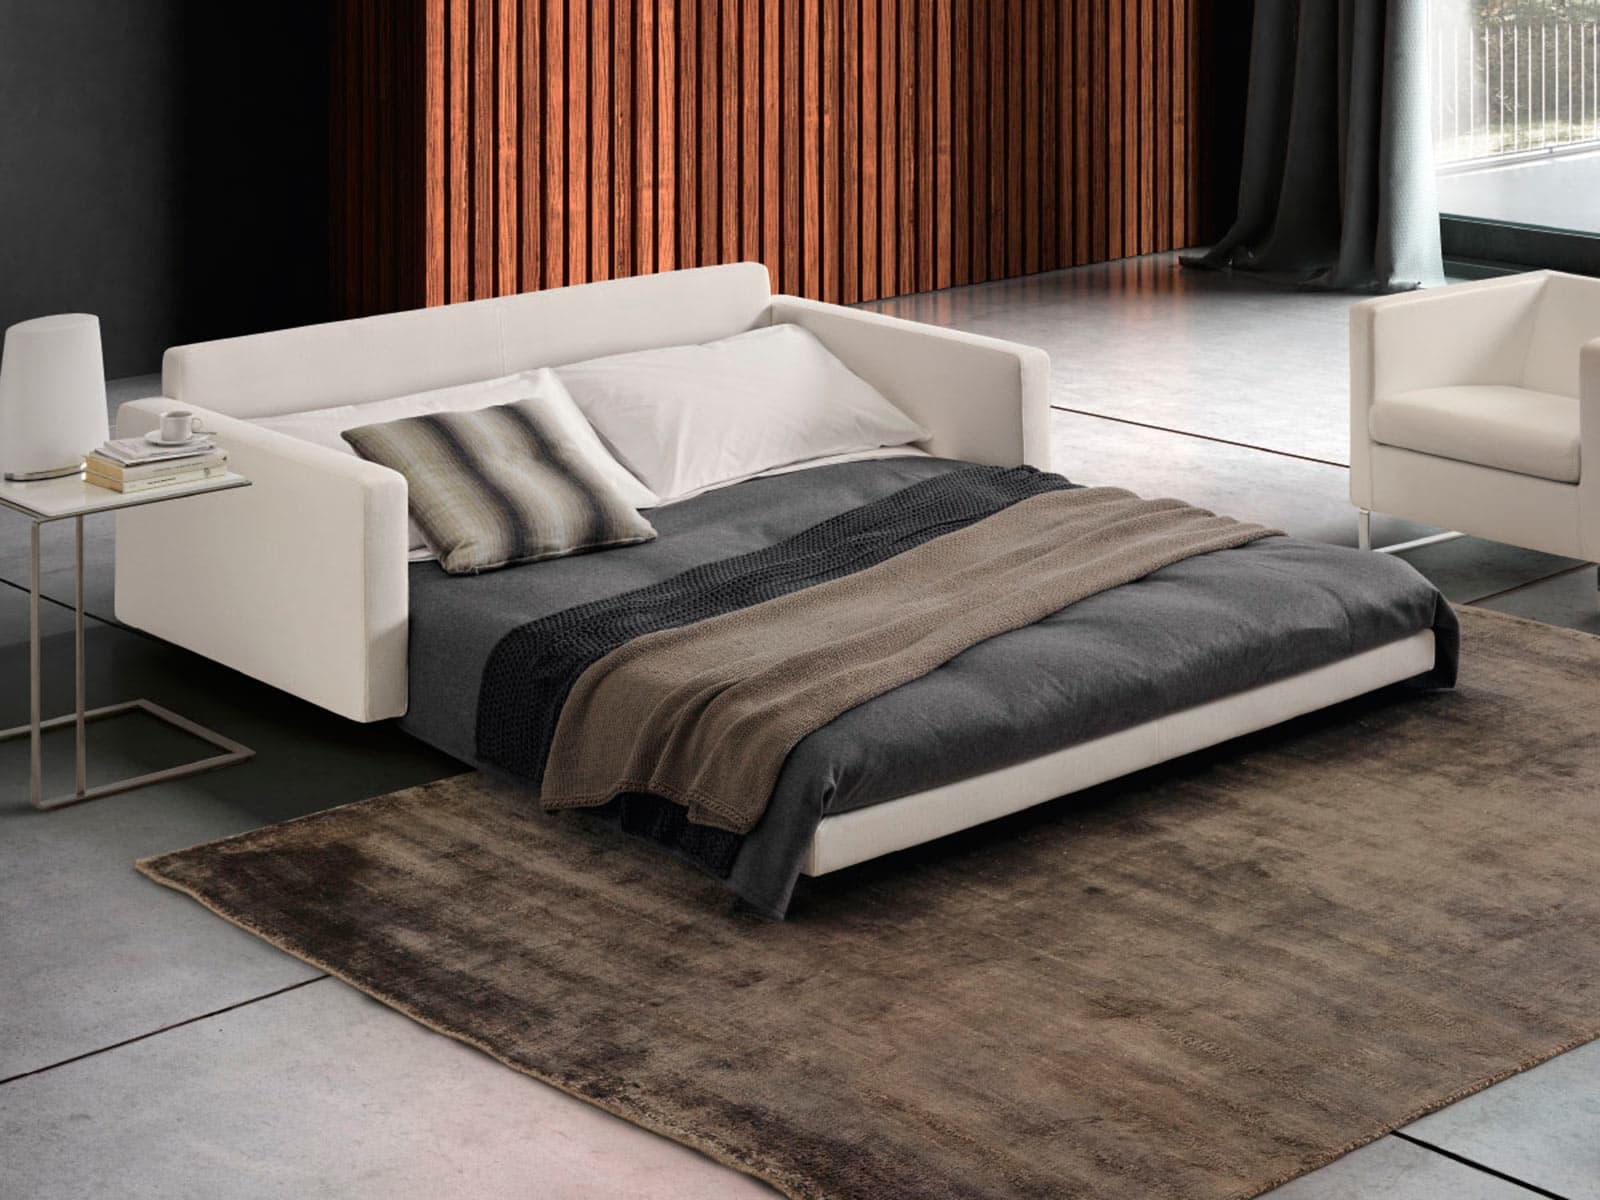 Prezzi di divani - Divani letto offerta da ikea ...